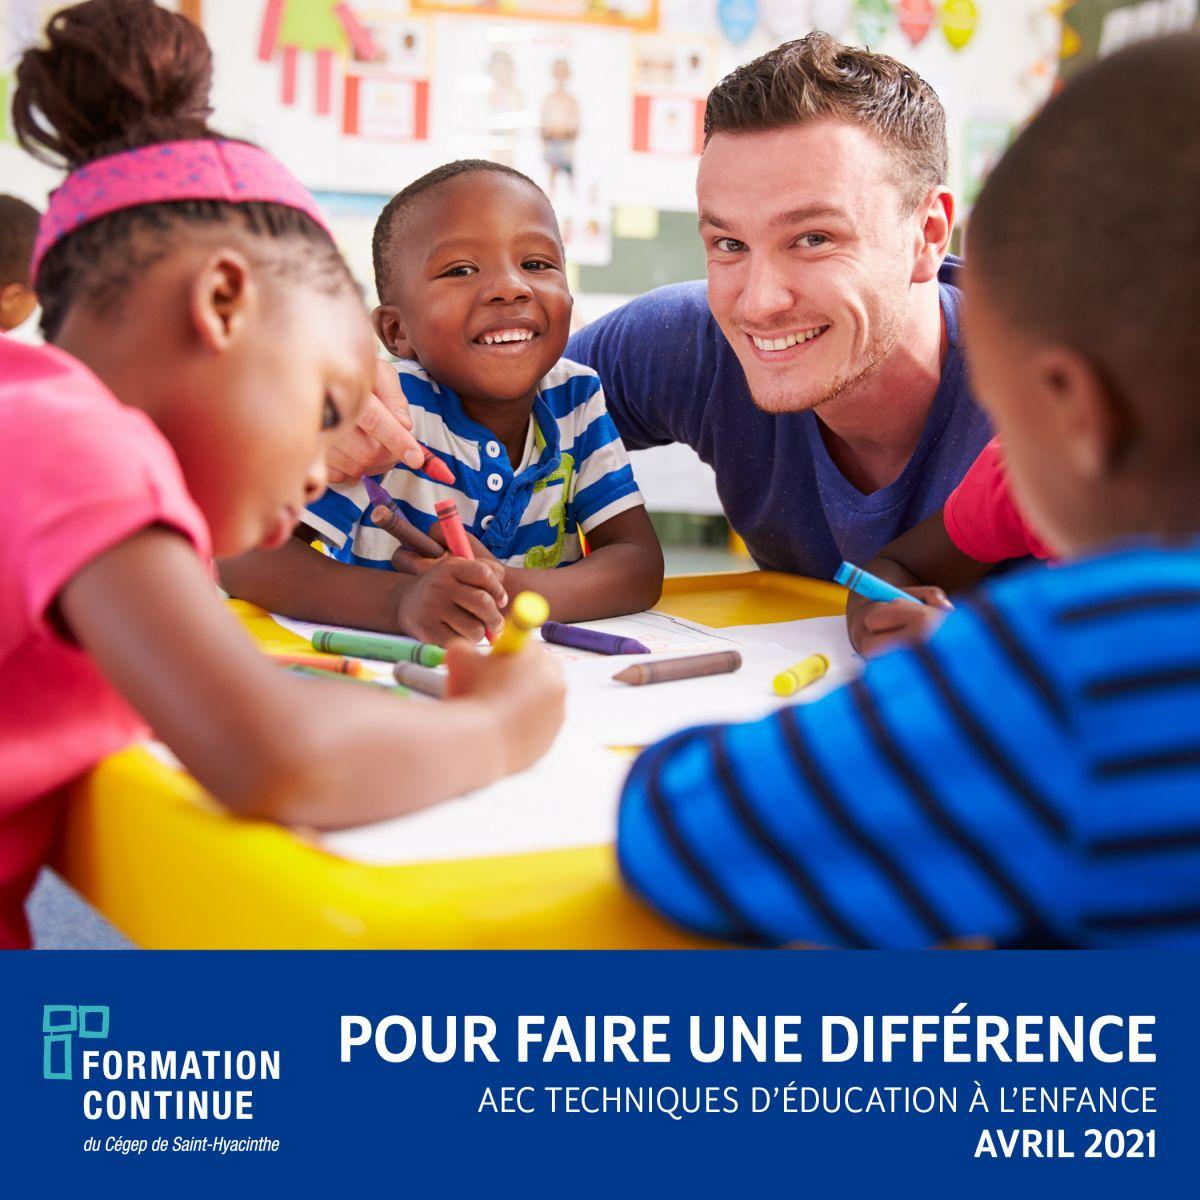 L'AEC TECHNIQUES D'ÉDUCATION À L'ENFANCE OFFERTE À COMPTER DU 26 AVRIL 2021